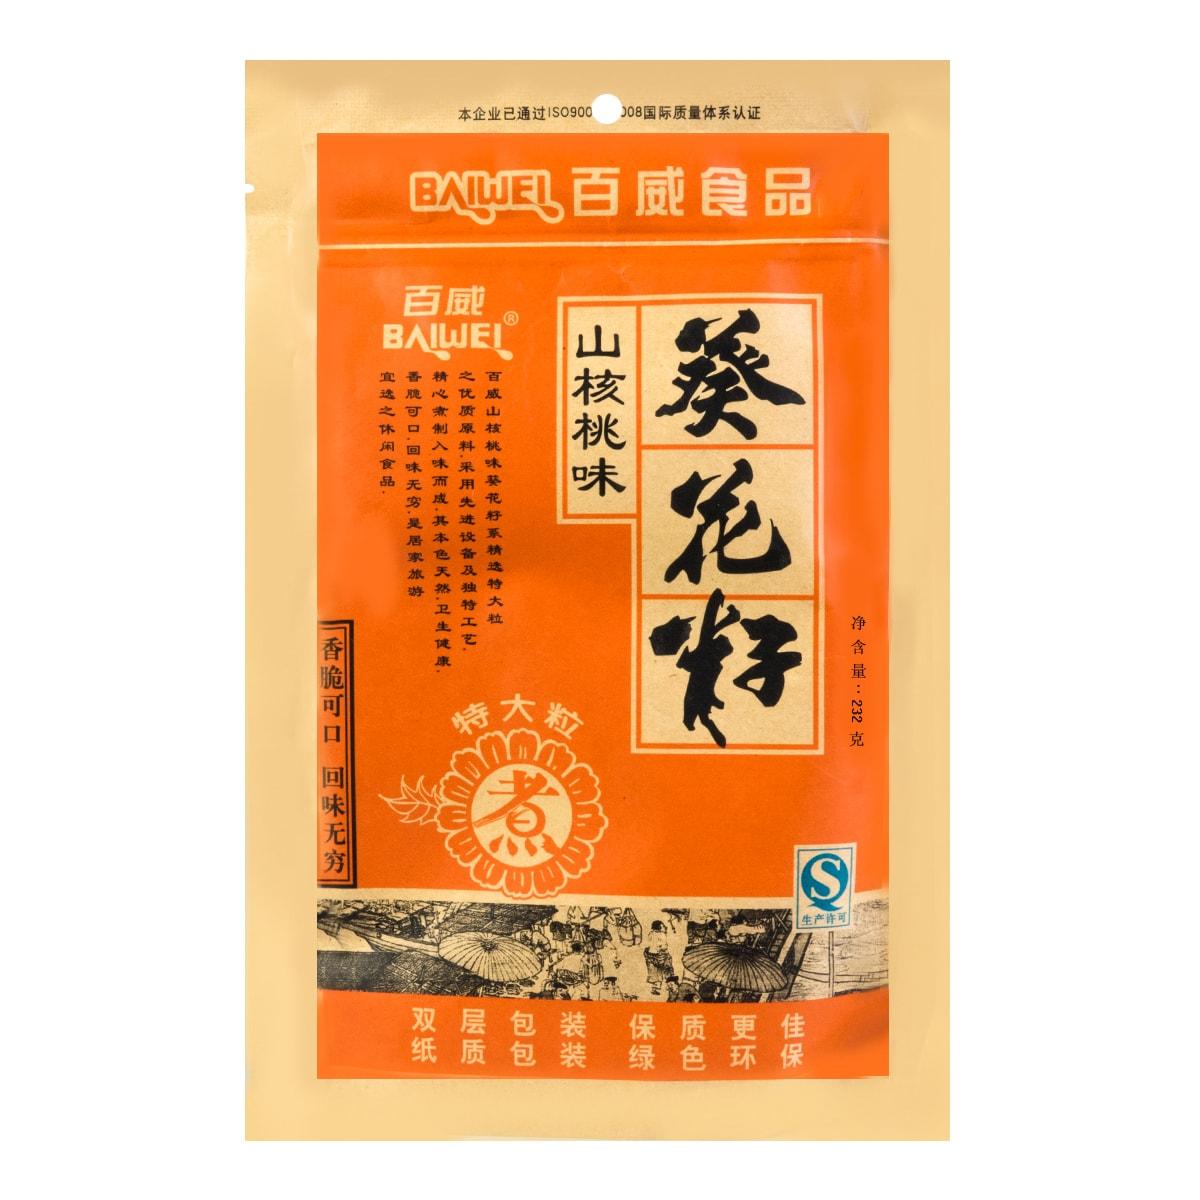 百威  葵花籽 山核桃味 232g